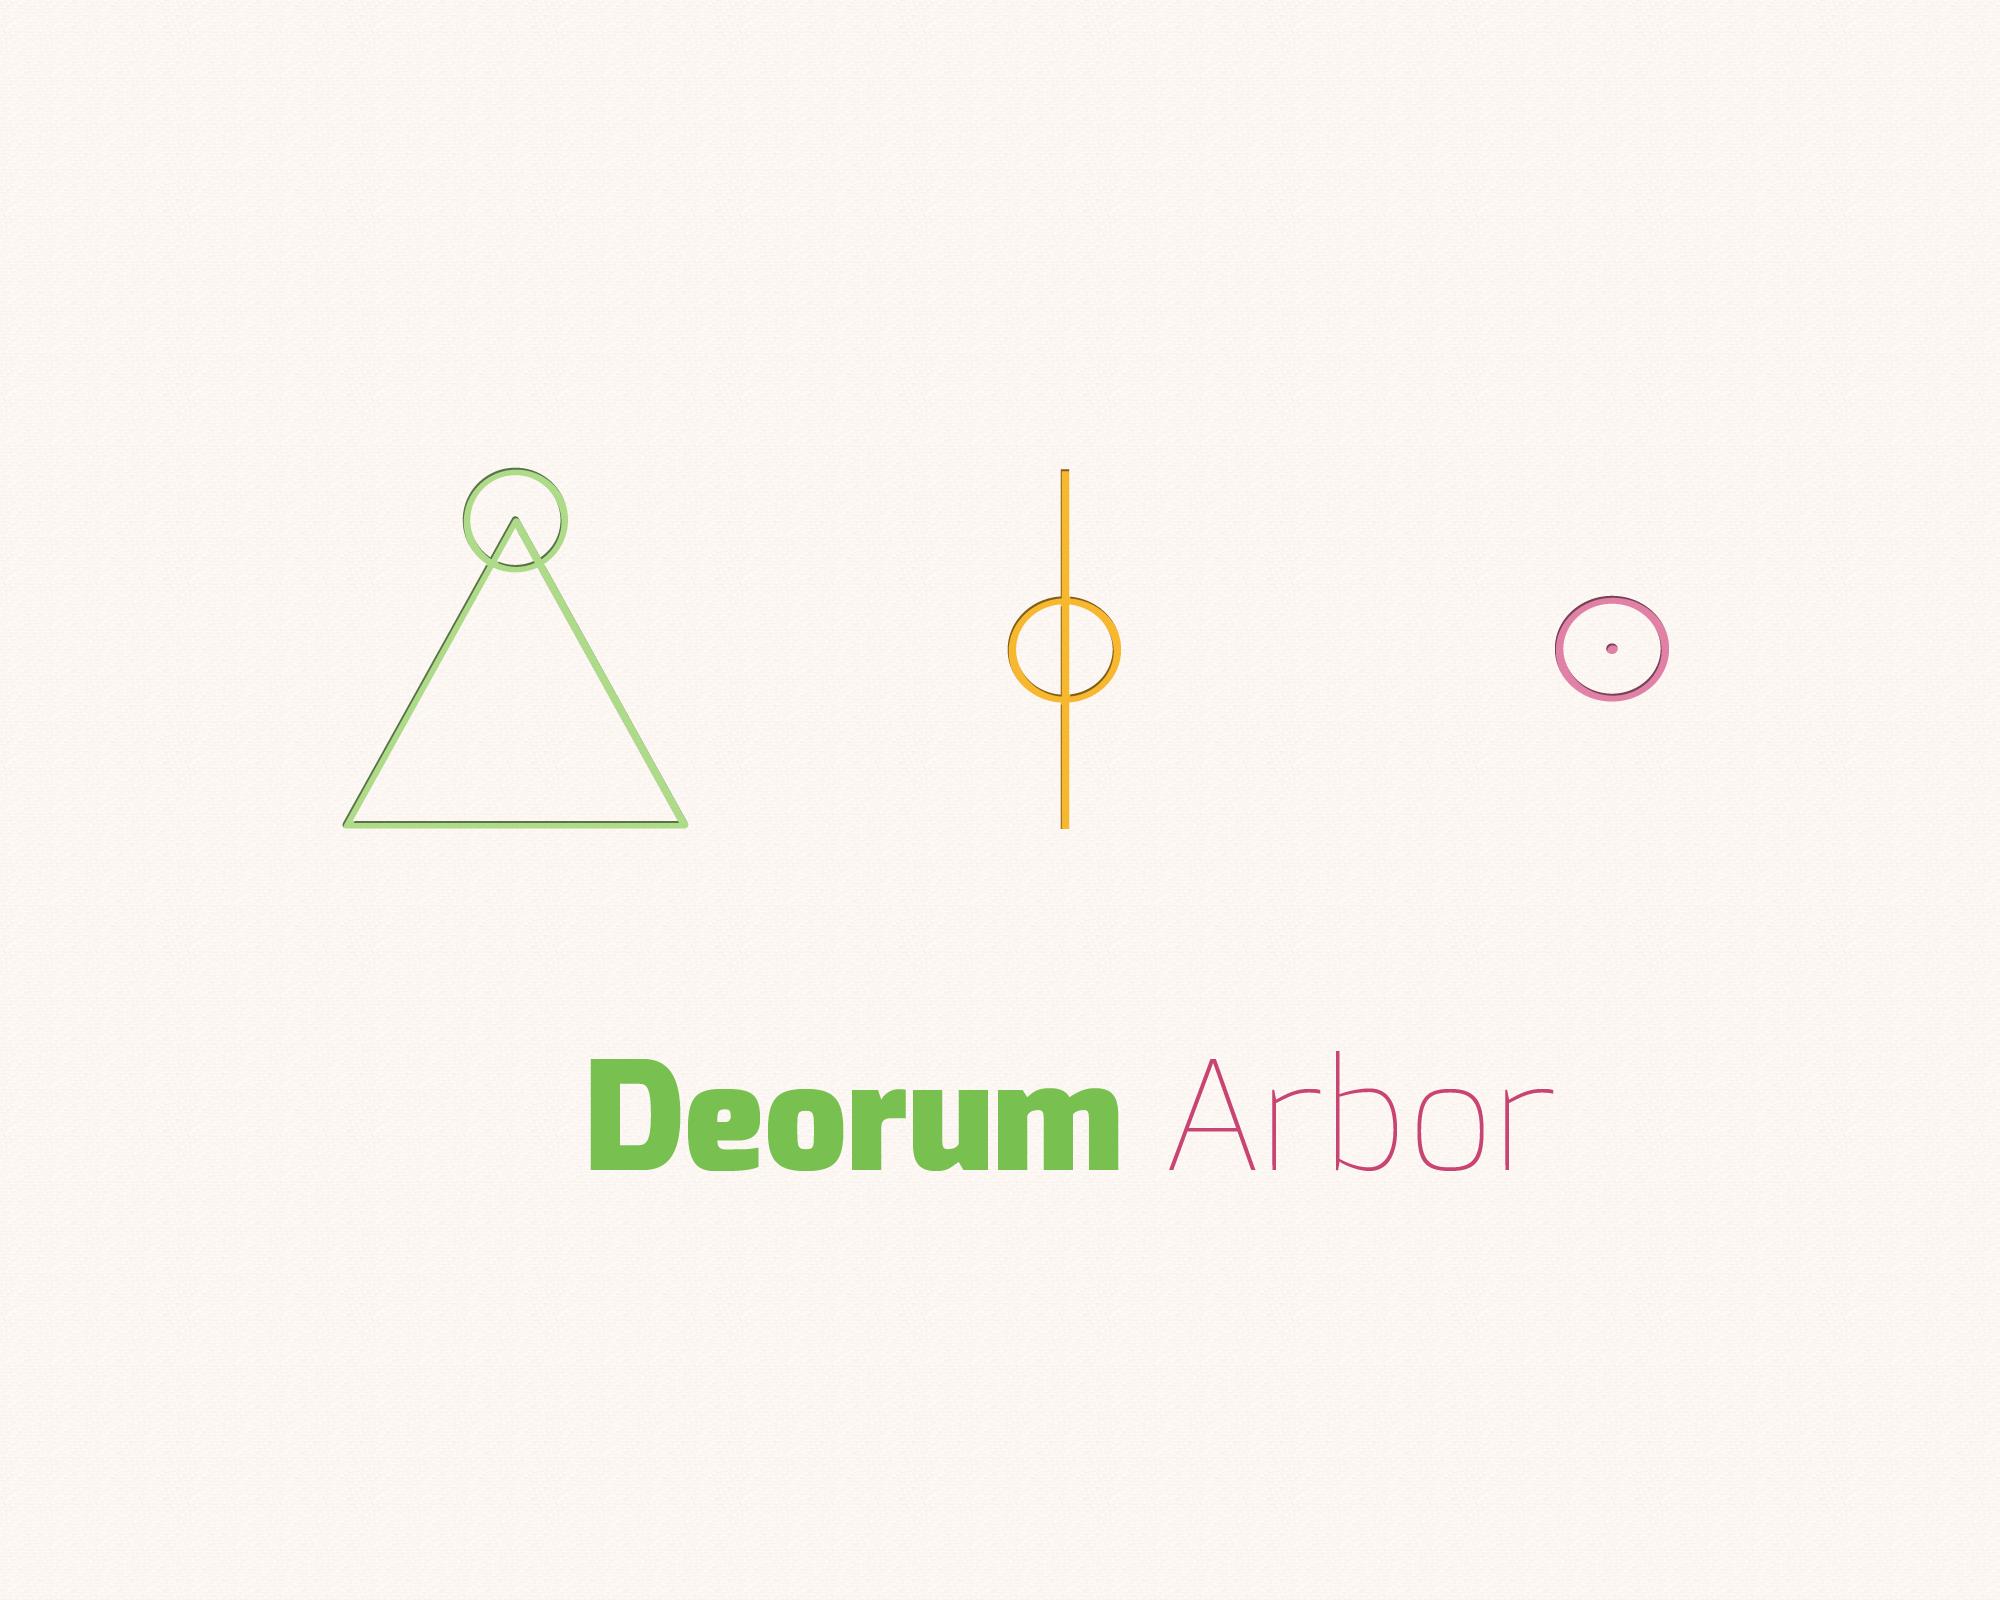 Deorum Arbor